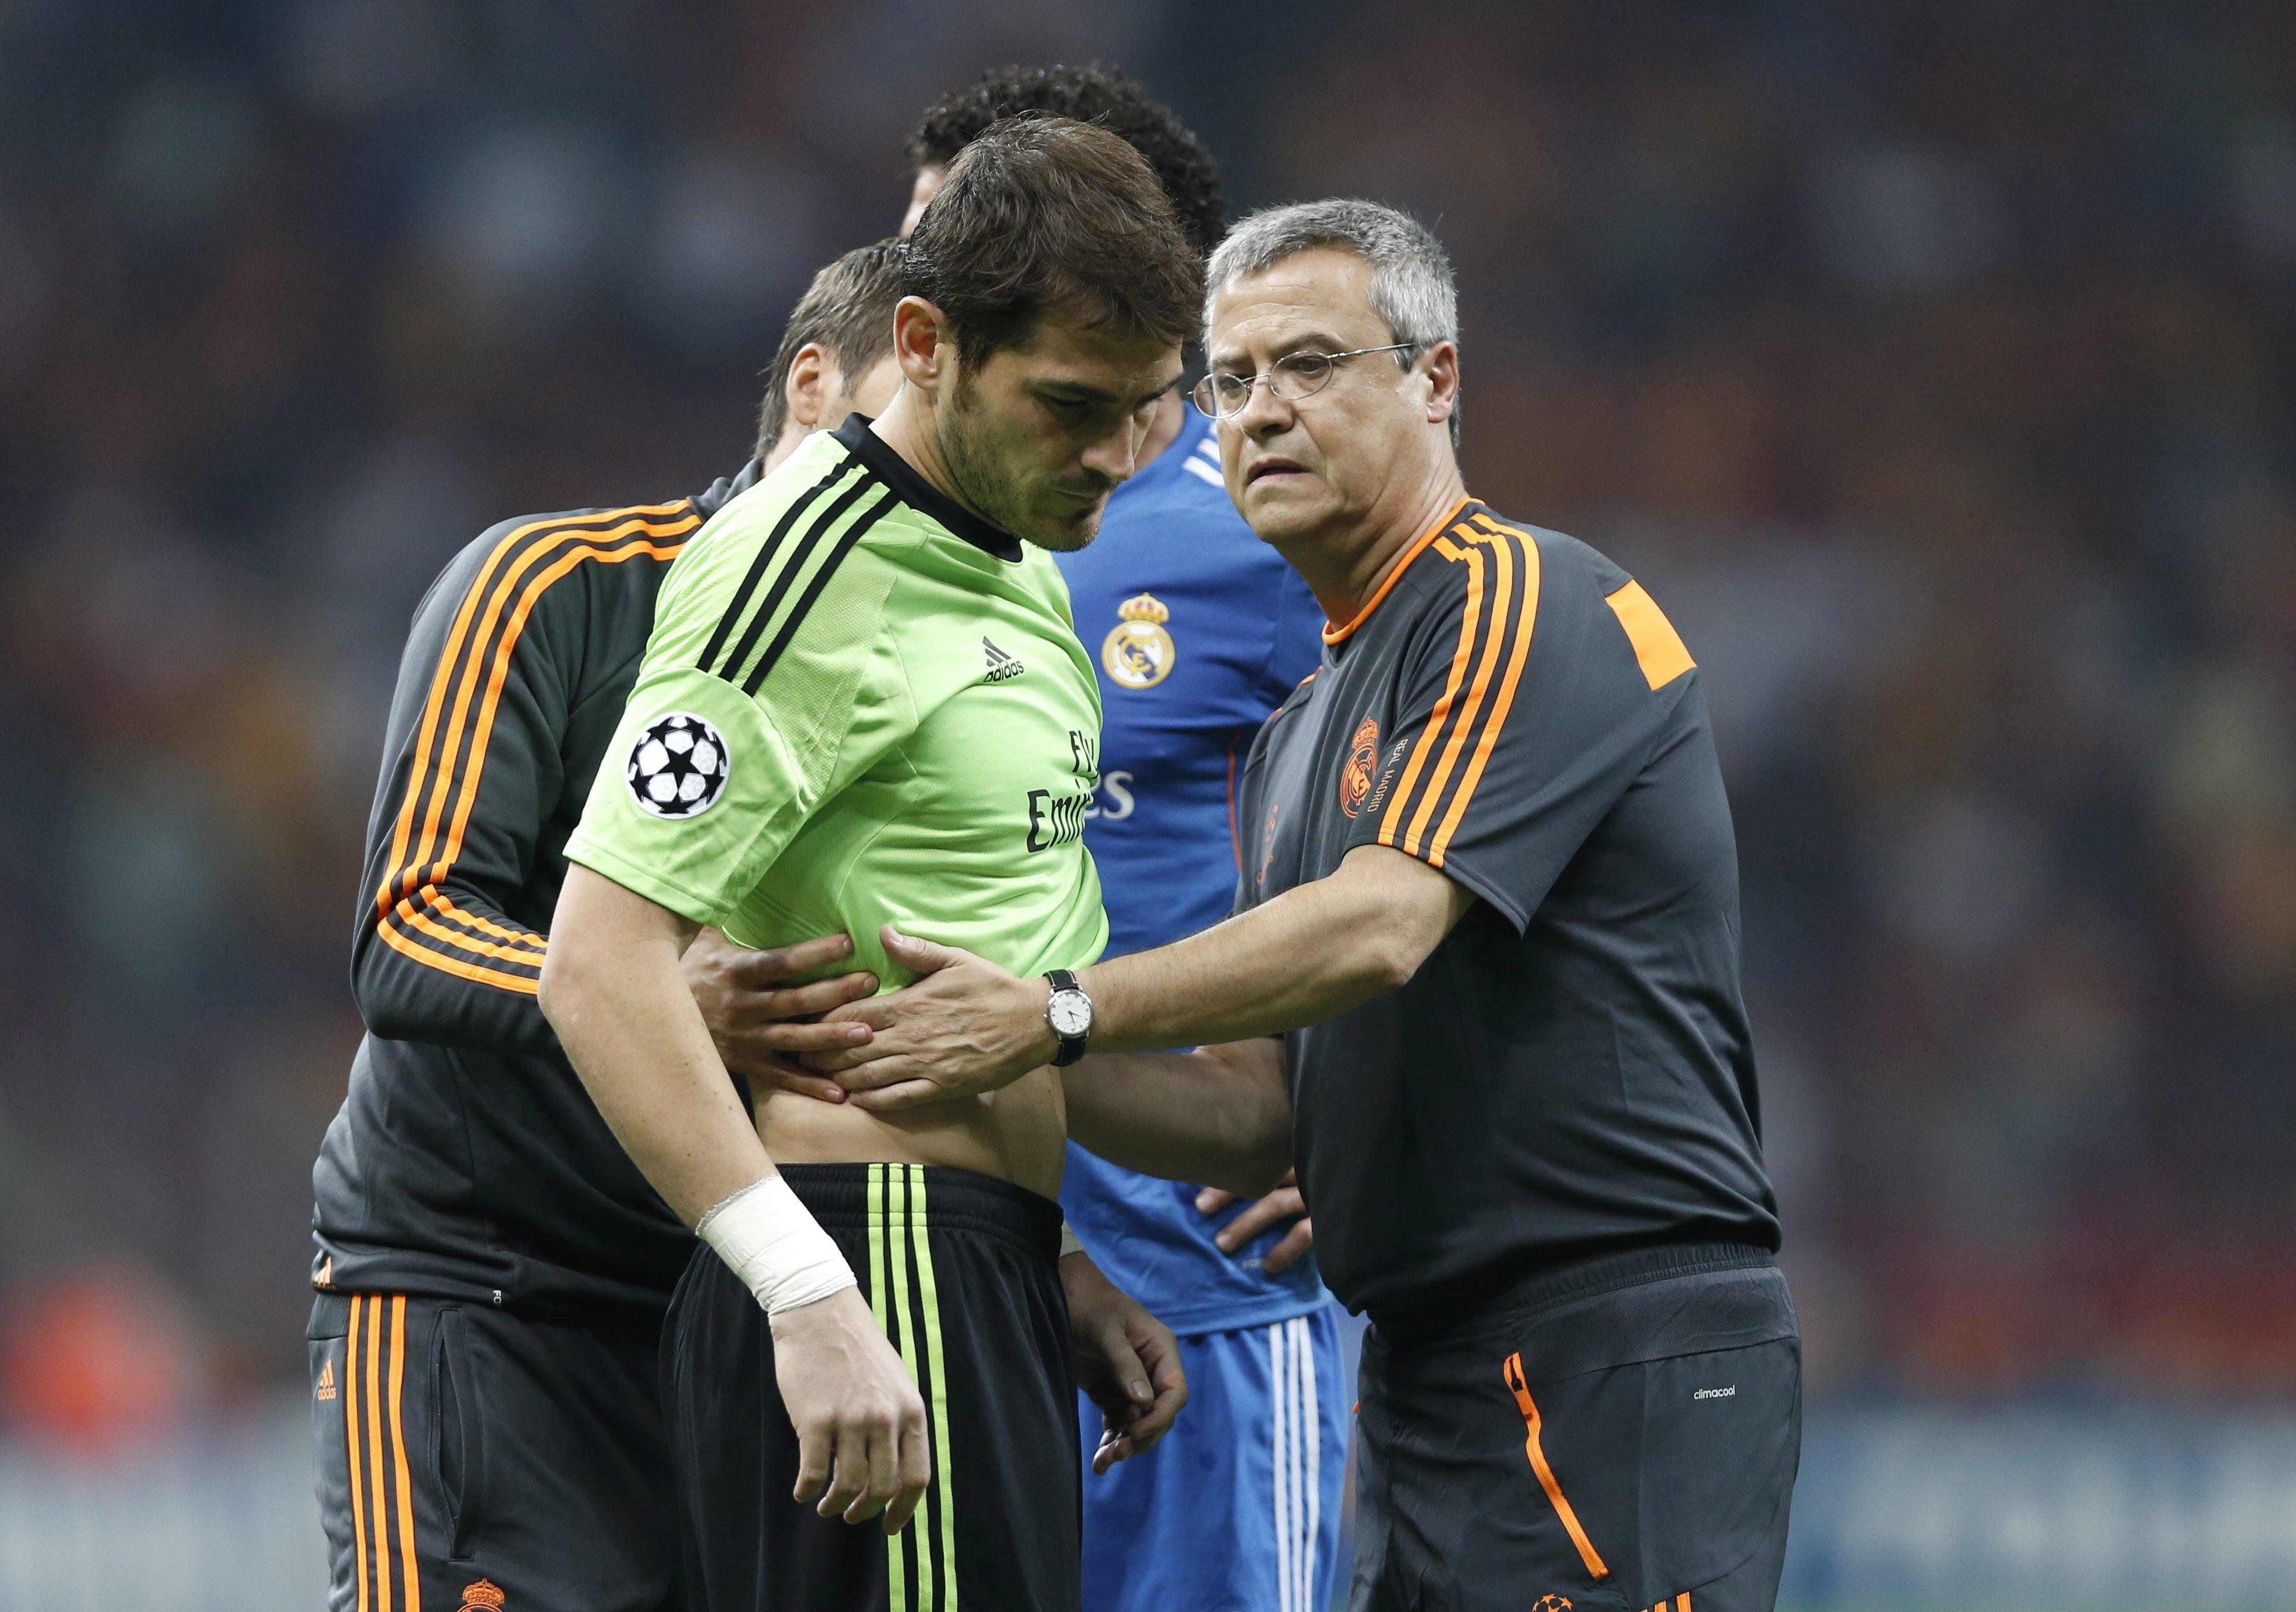 Casillas podría sufrir una fisura costal y se descarta una rotura